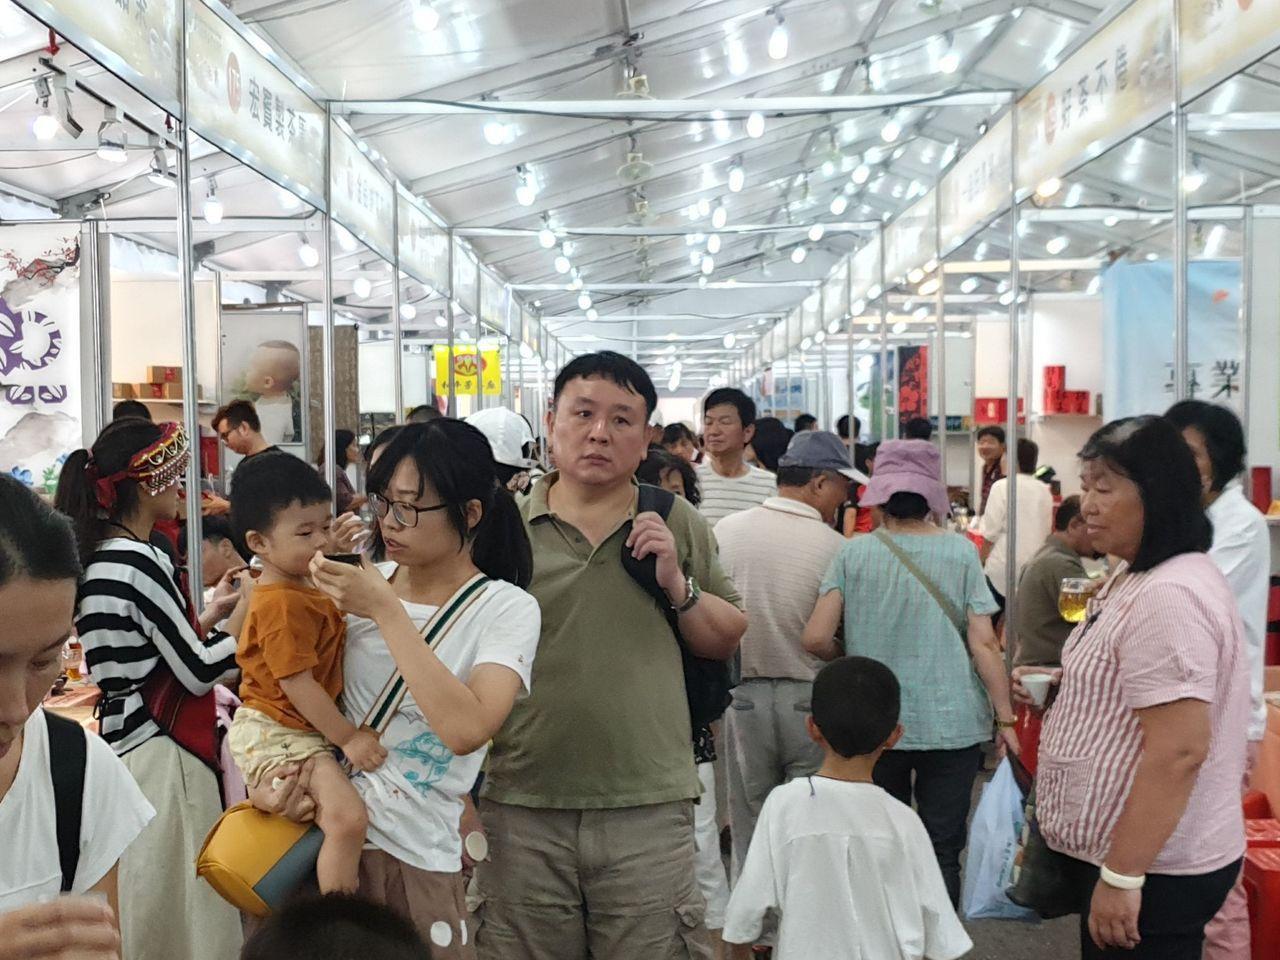 南投世界茶業博覽會今第4天已吸引逾20萬人,龐大車流及停車問題影響交通,阻礙周邊...